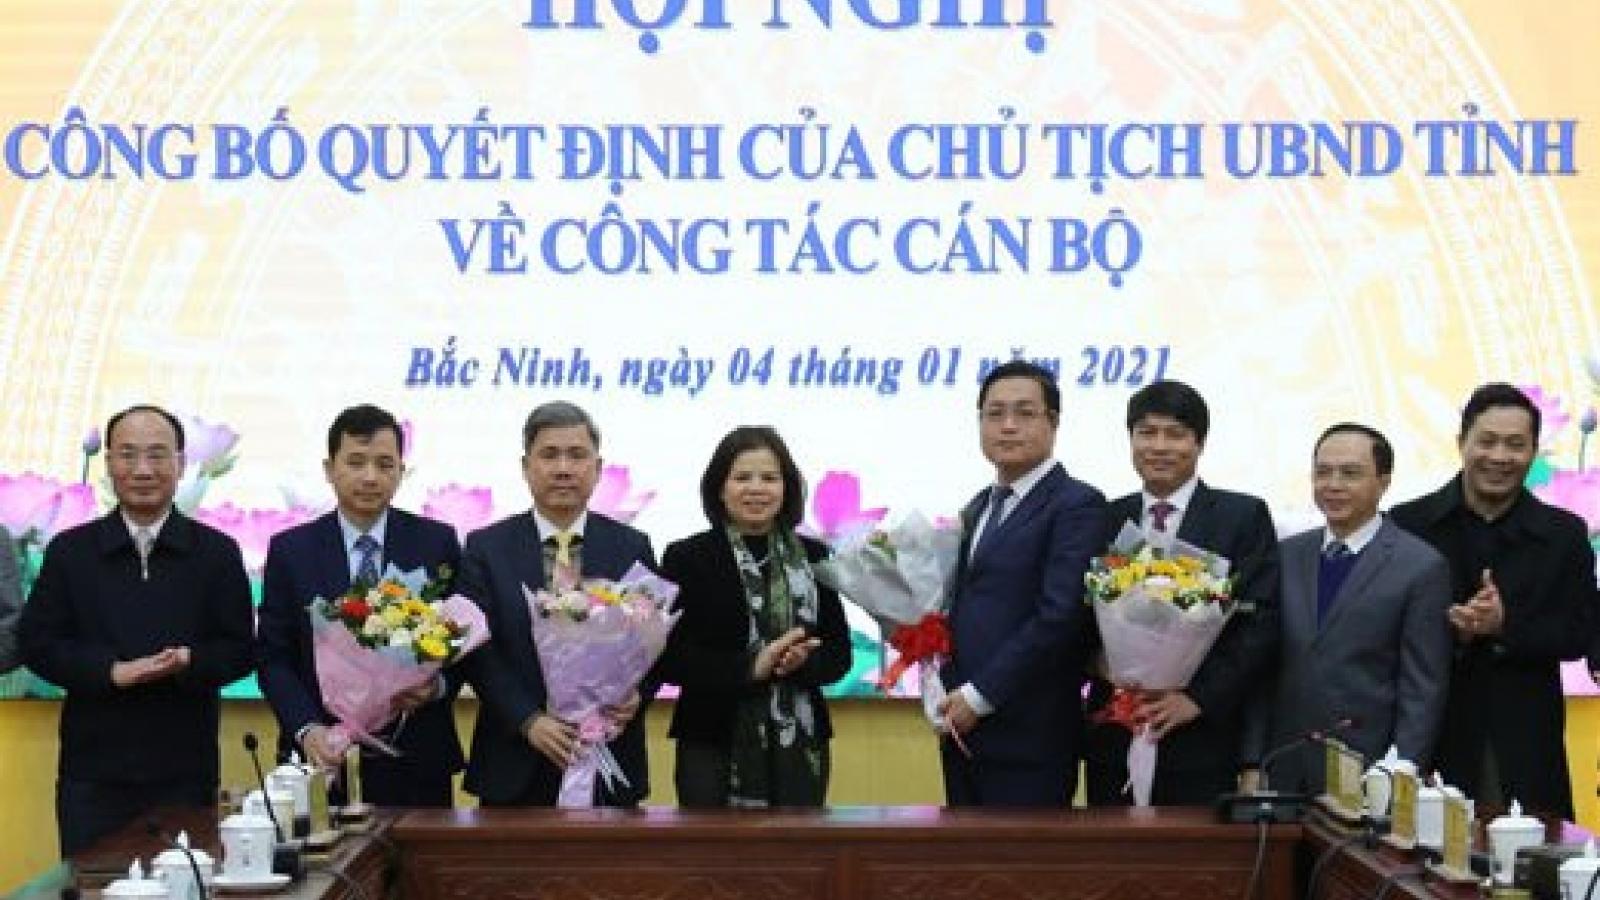 Bổ nhiệm ông Nguyễn Nhân Chinh làm Giám đốc Sở LĐ - TB và XH tỉnh Bắc Ninh